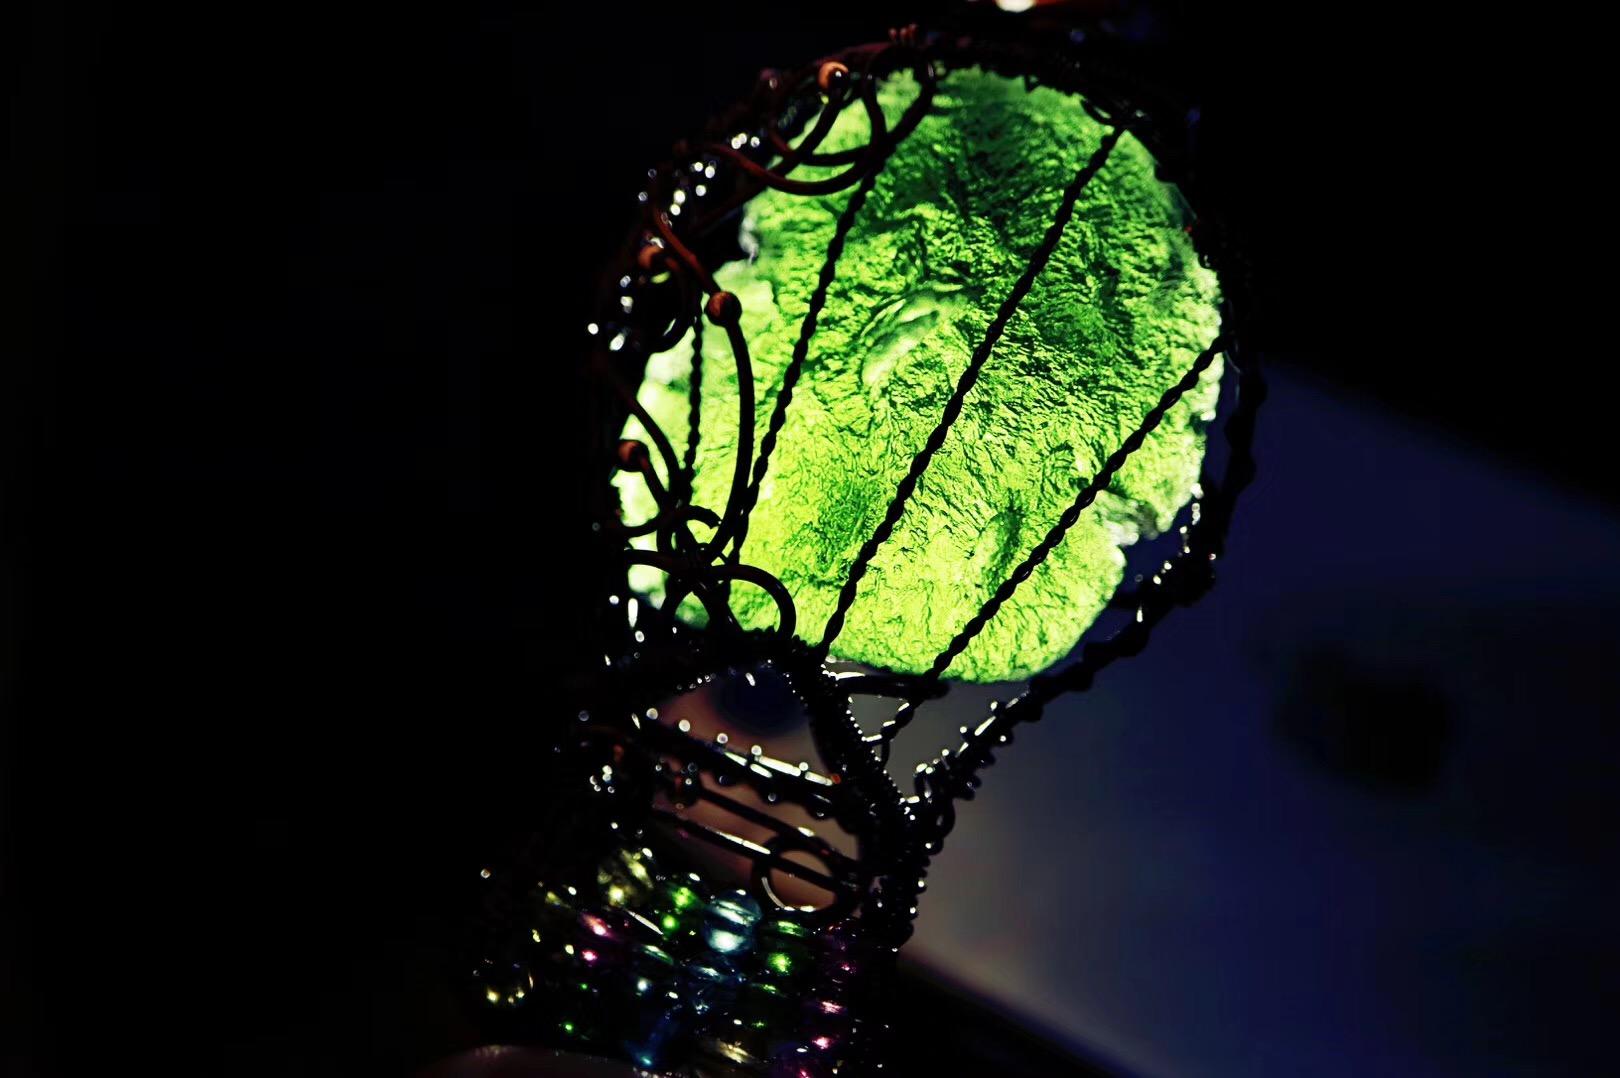 【捷克陨石】把最幸福的时刻,锁定在你的内心深处~~-菩心晶舍